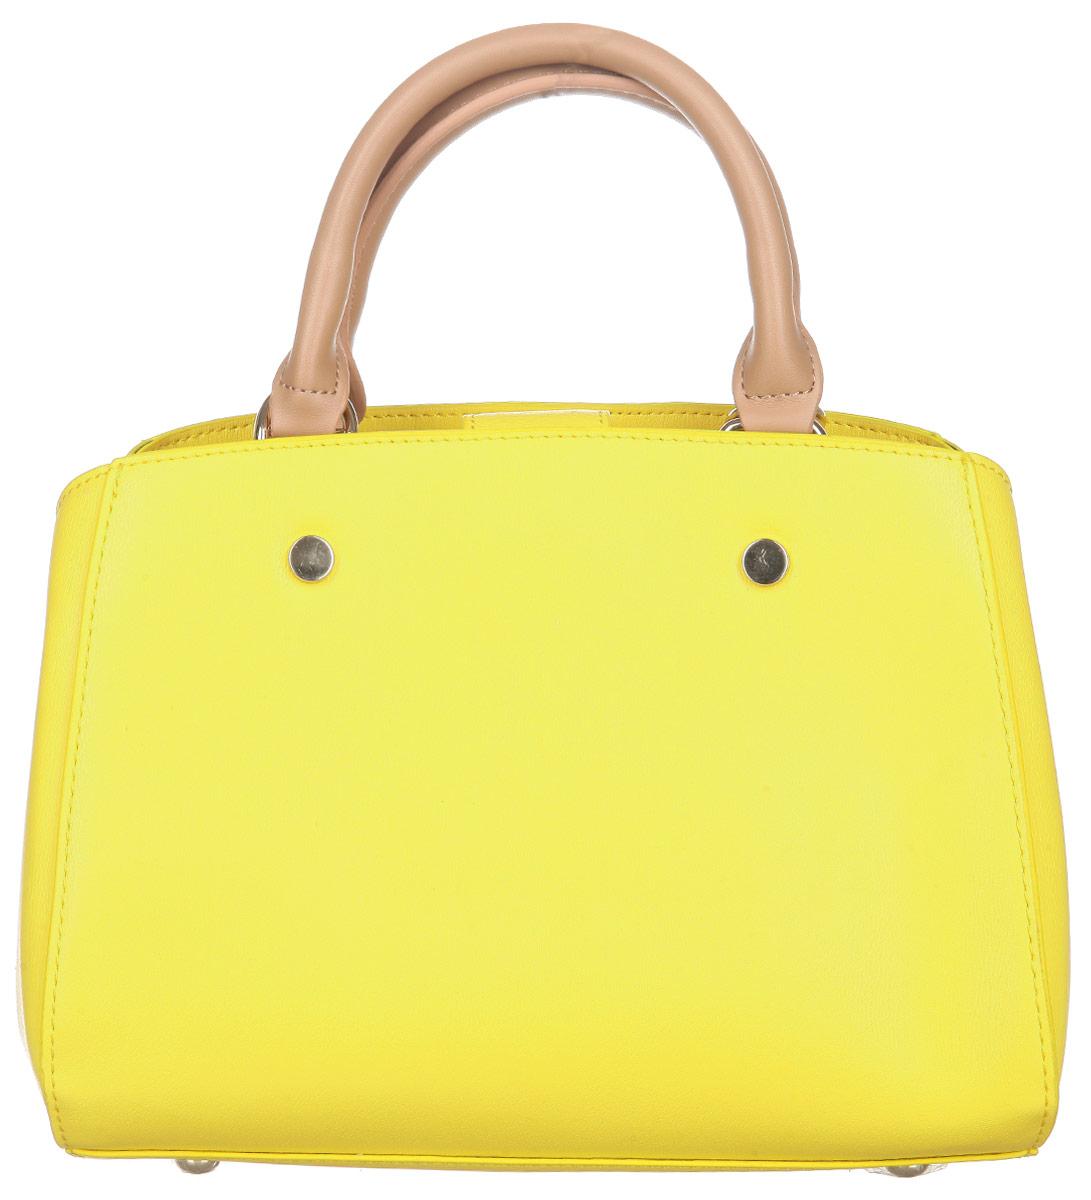 Сумка женская VelVet, цвет: желтый. 955-141286-172955-141286-172Оригинальная женская сумка VelVet выполнена из искусственной кожи, оформленной естественным тиснением. Сумка закрывается на хлястик с магнитным замком и состоит из двух вместительных отделений, разделенных средником на молнии. Внутри располагаются два открытых кармана для мелочи и мобильного телефона и прорезной карман на застежке-молнии. Металлические ножки на дне сумки обеспечивают необходимую устойчивость. Сумка оснащена удобными ручками для переноски и плечевым ремнем. Сумка - это стильный аксессуар, который подчеркнет вашу изысканность и индивидуальность и сделает ваш образ завершенным. С такой сумочкой вы не останетесь незамеченной.